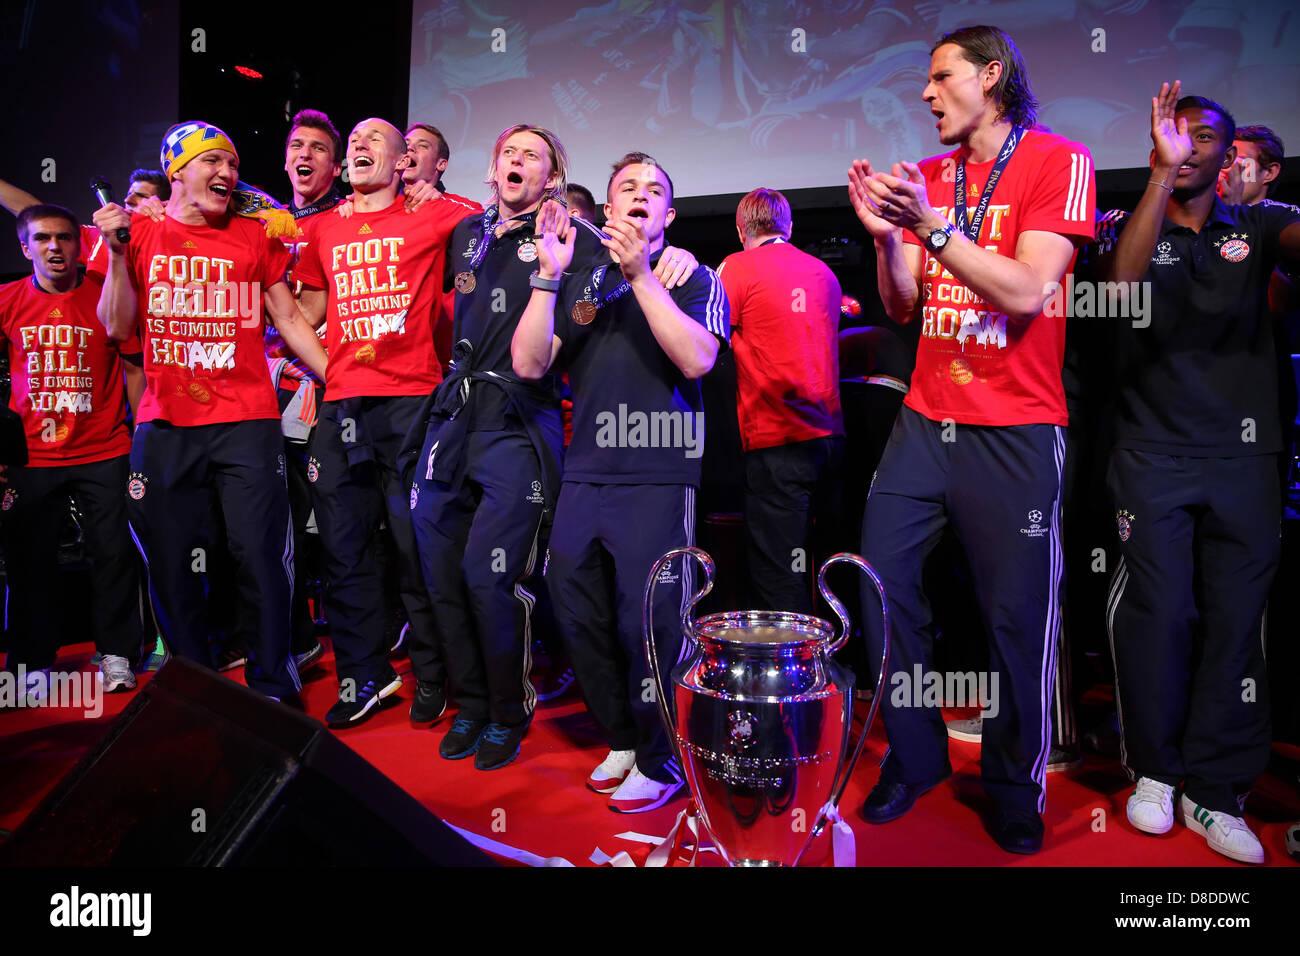 Londres, Reino Unido. 25 de mayo de 2013. Bastian Schweinsteiger (3L) del FC Bayern München celebra con sus compañeros de equipo en la final de la Liga de Campeones Bayern Muenchen banquete en Grosvenor House el 25 de mayo de 2013 en Londres, Inglaterra. Bastian Schweinsteiger Foto de stock